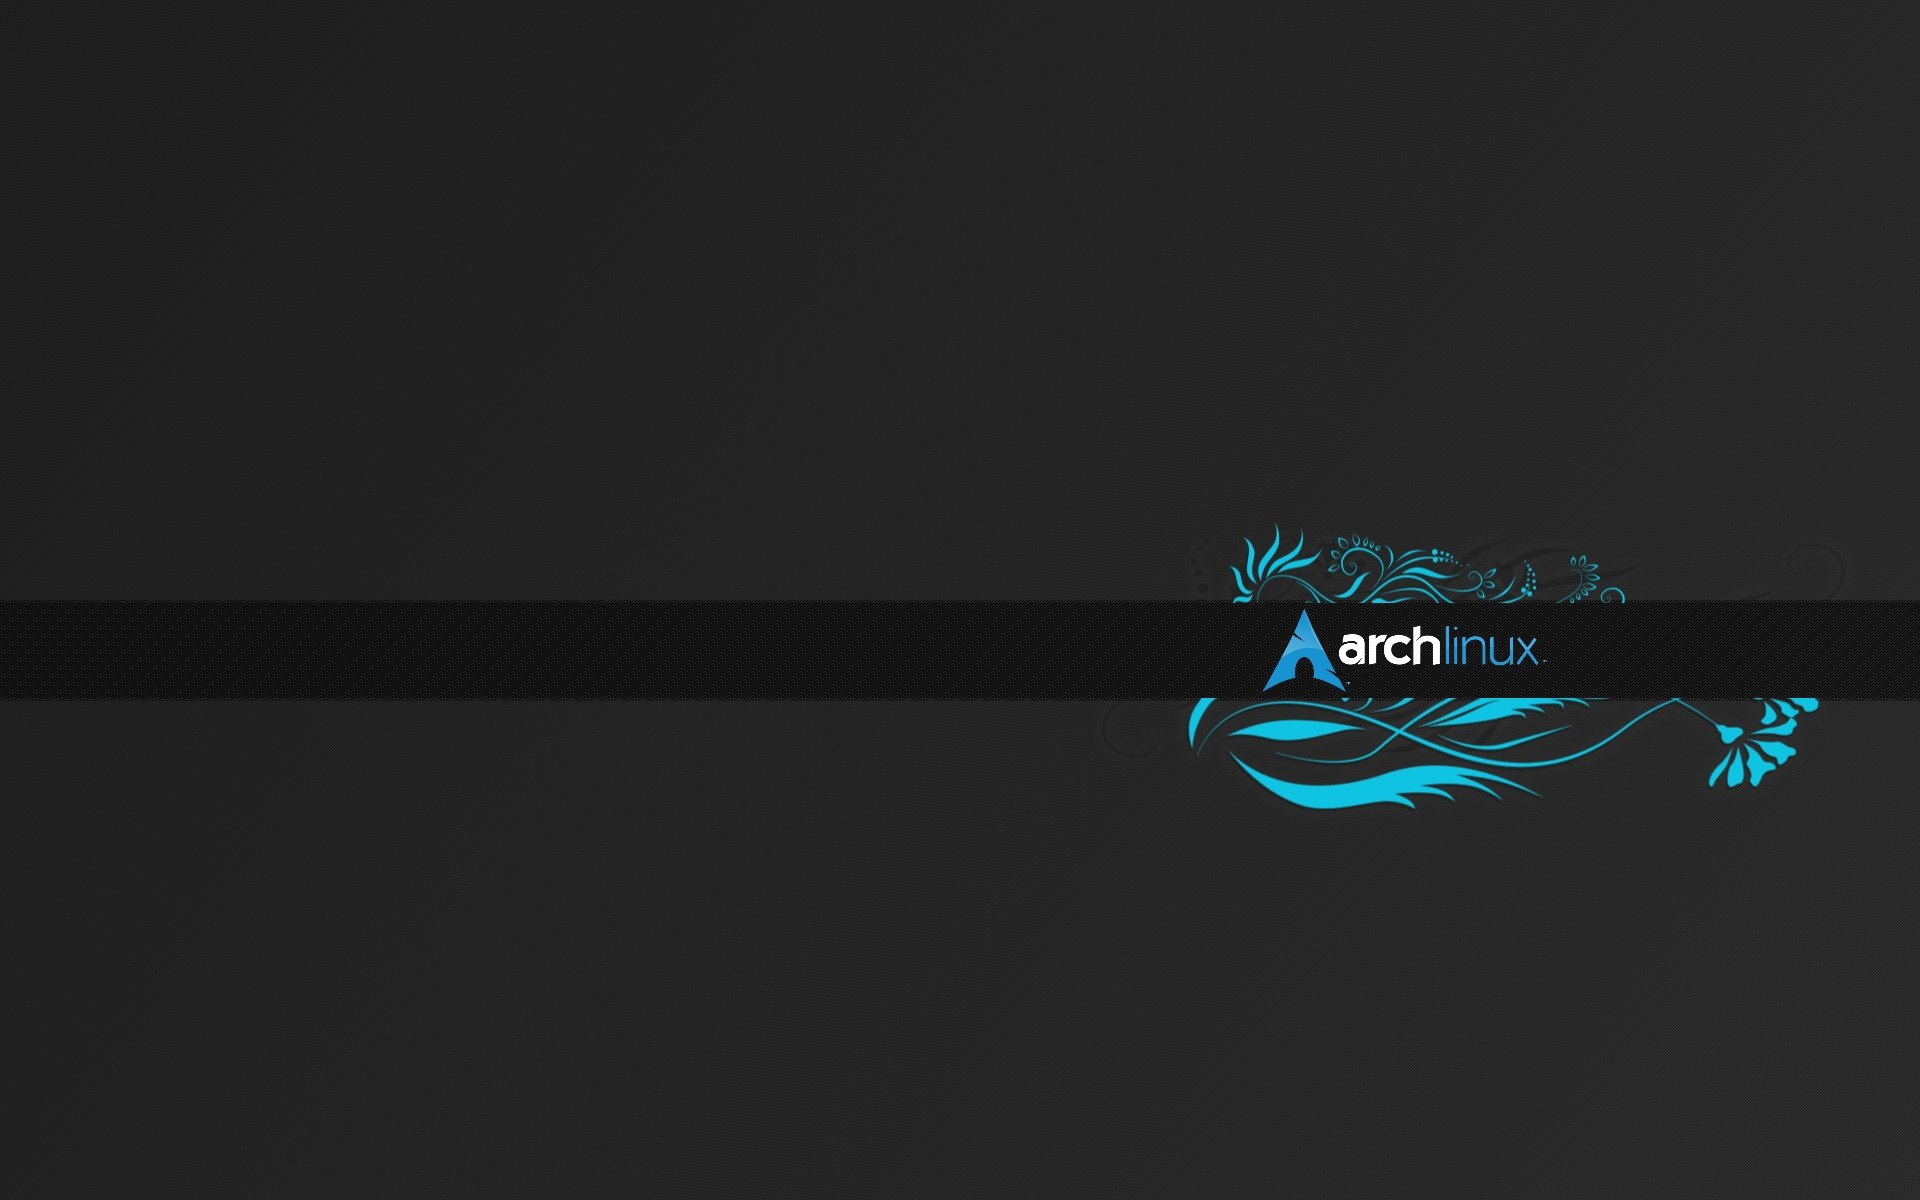 Linux Arch Wallpaper 1920x1200 Linux Arch Linux 1920x1200